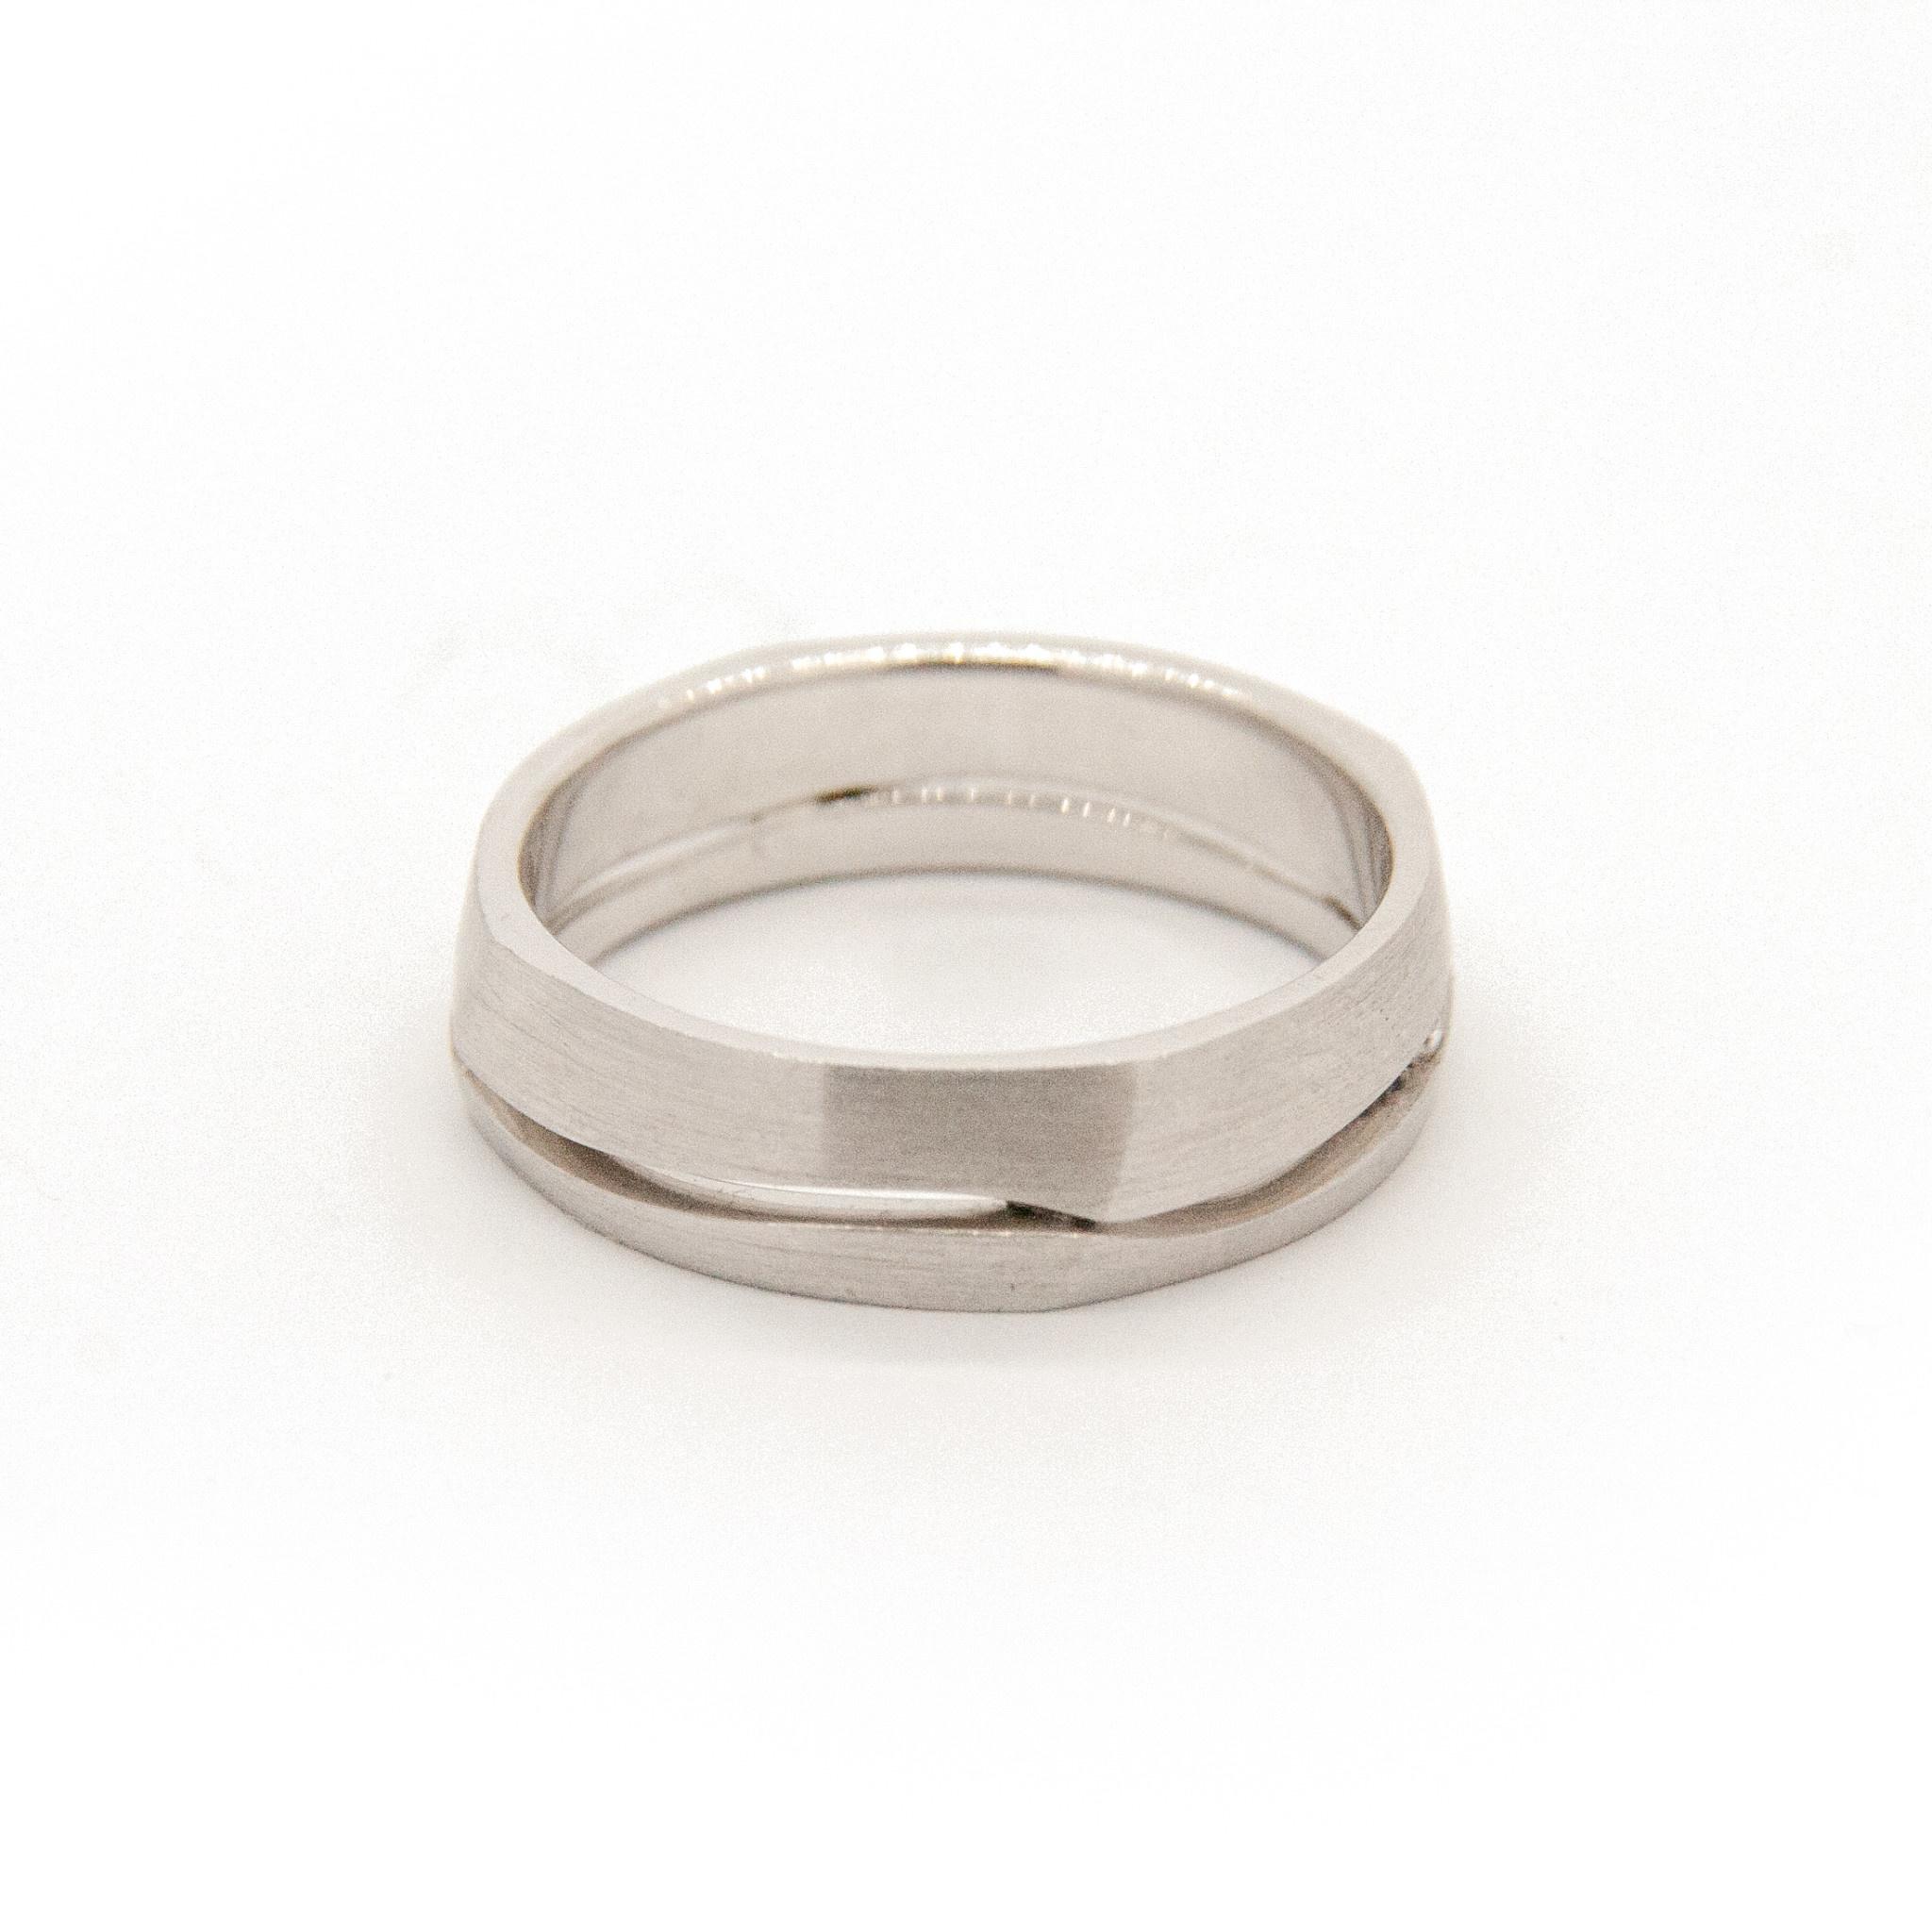 14k White Gold Wedding Ring-5